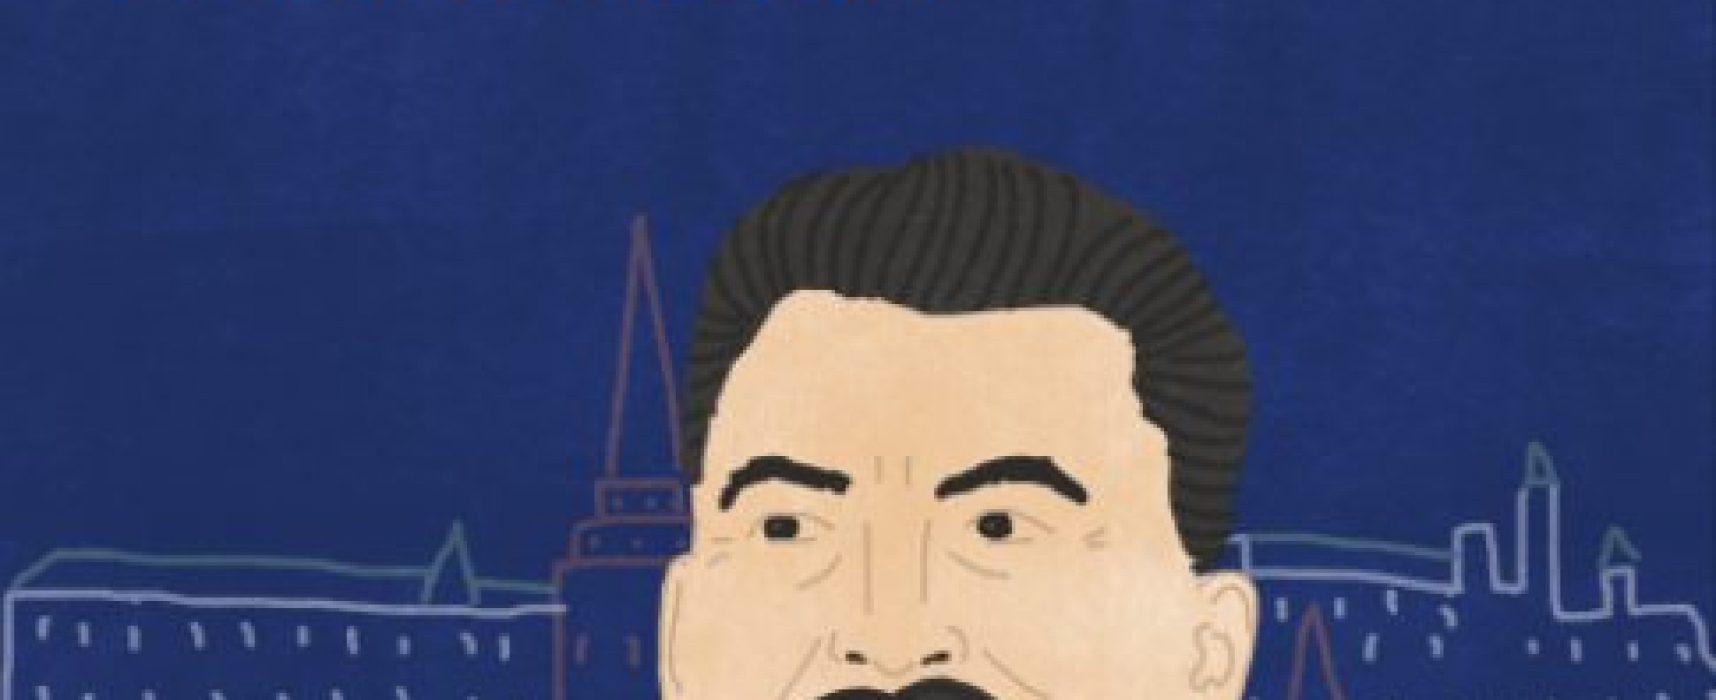 #PackOfLies: Zurück zur stalinistischen Vergangenheit